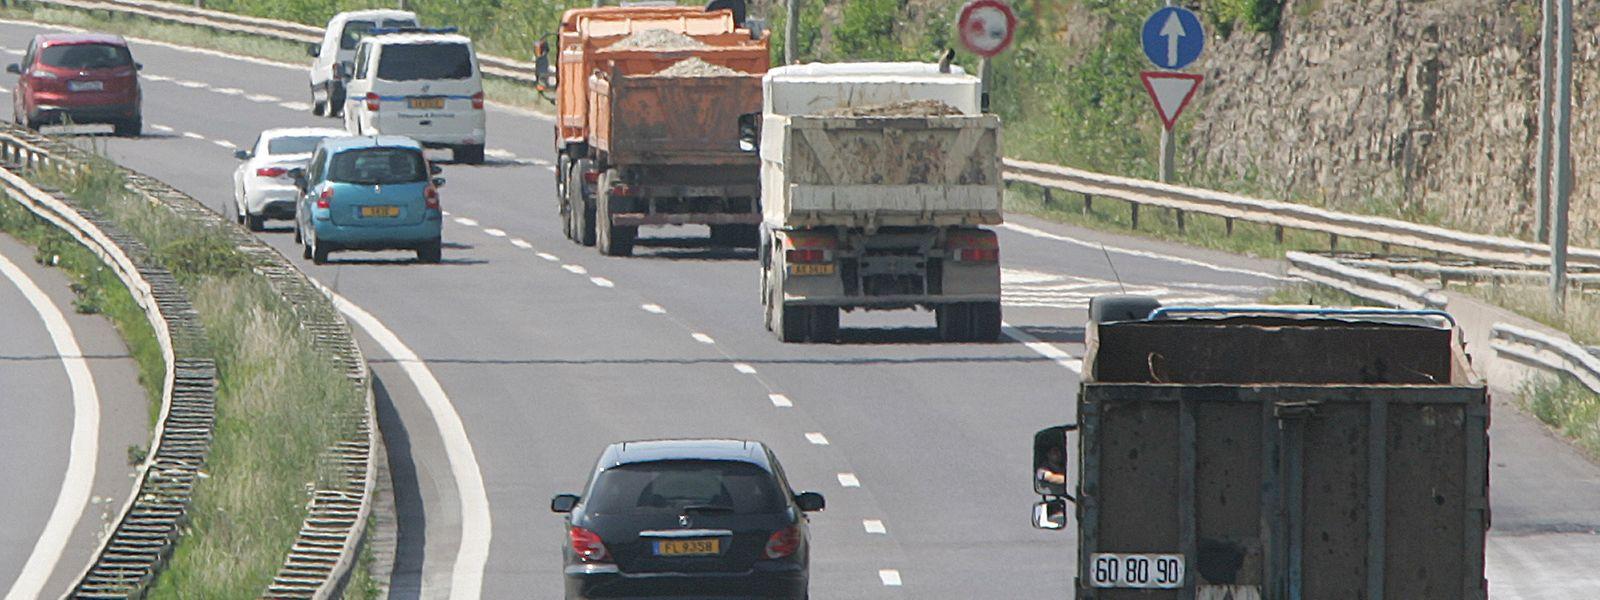 Das Verkehrsaufkommen verursacht den Löwenanteil der CO2-Emissionen in Luxemburg.